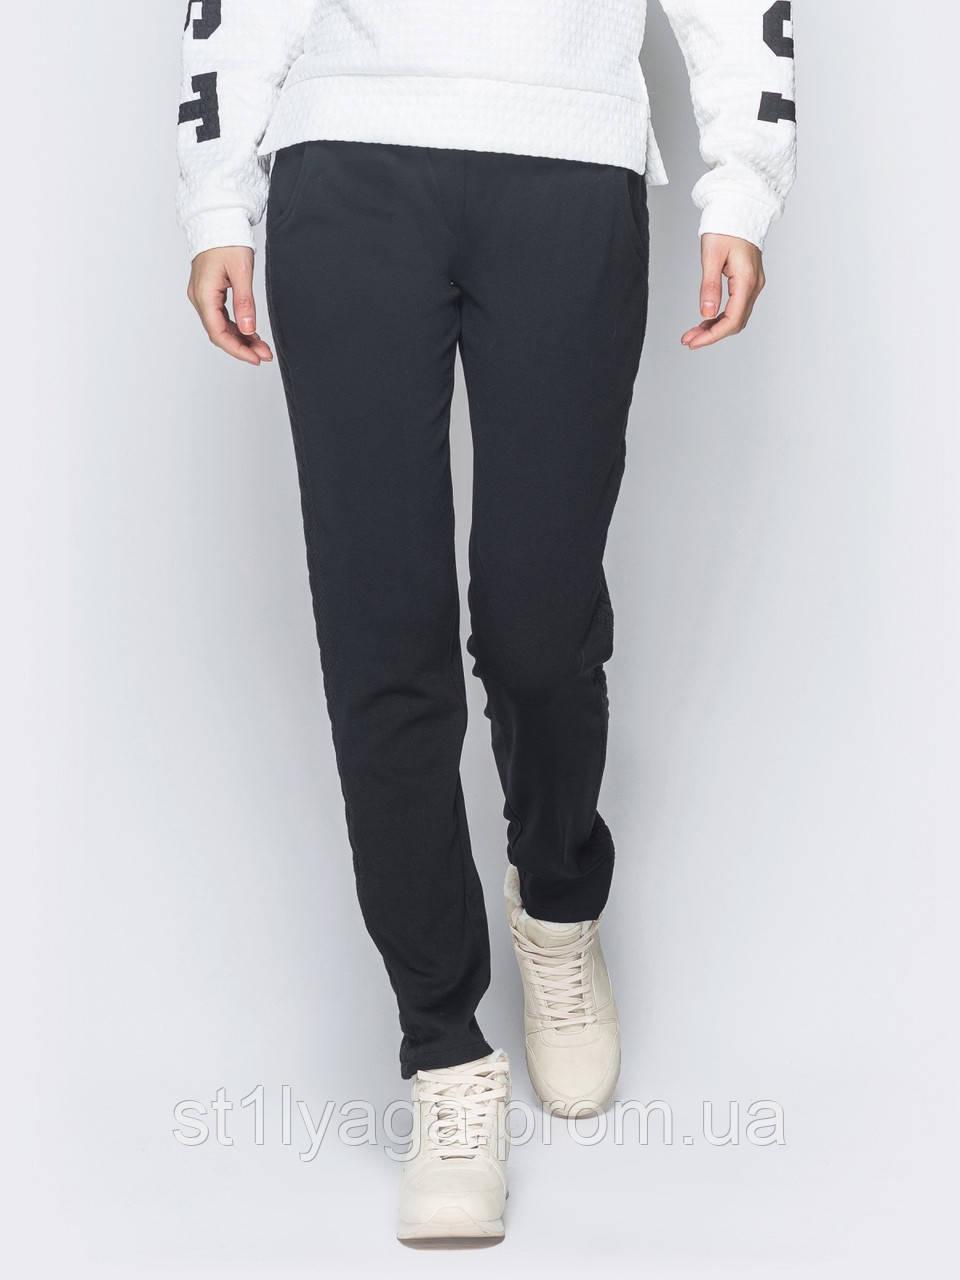 Черные брюки на меху с лампасами и узором  коса